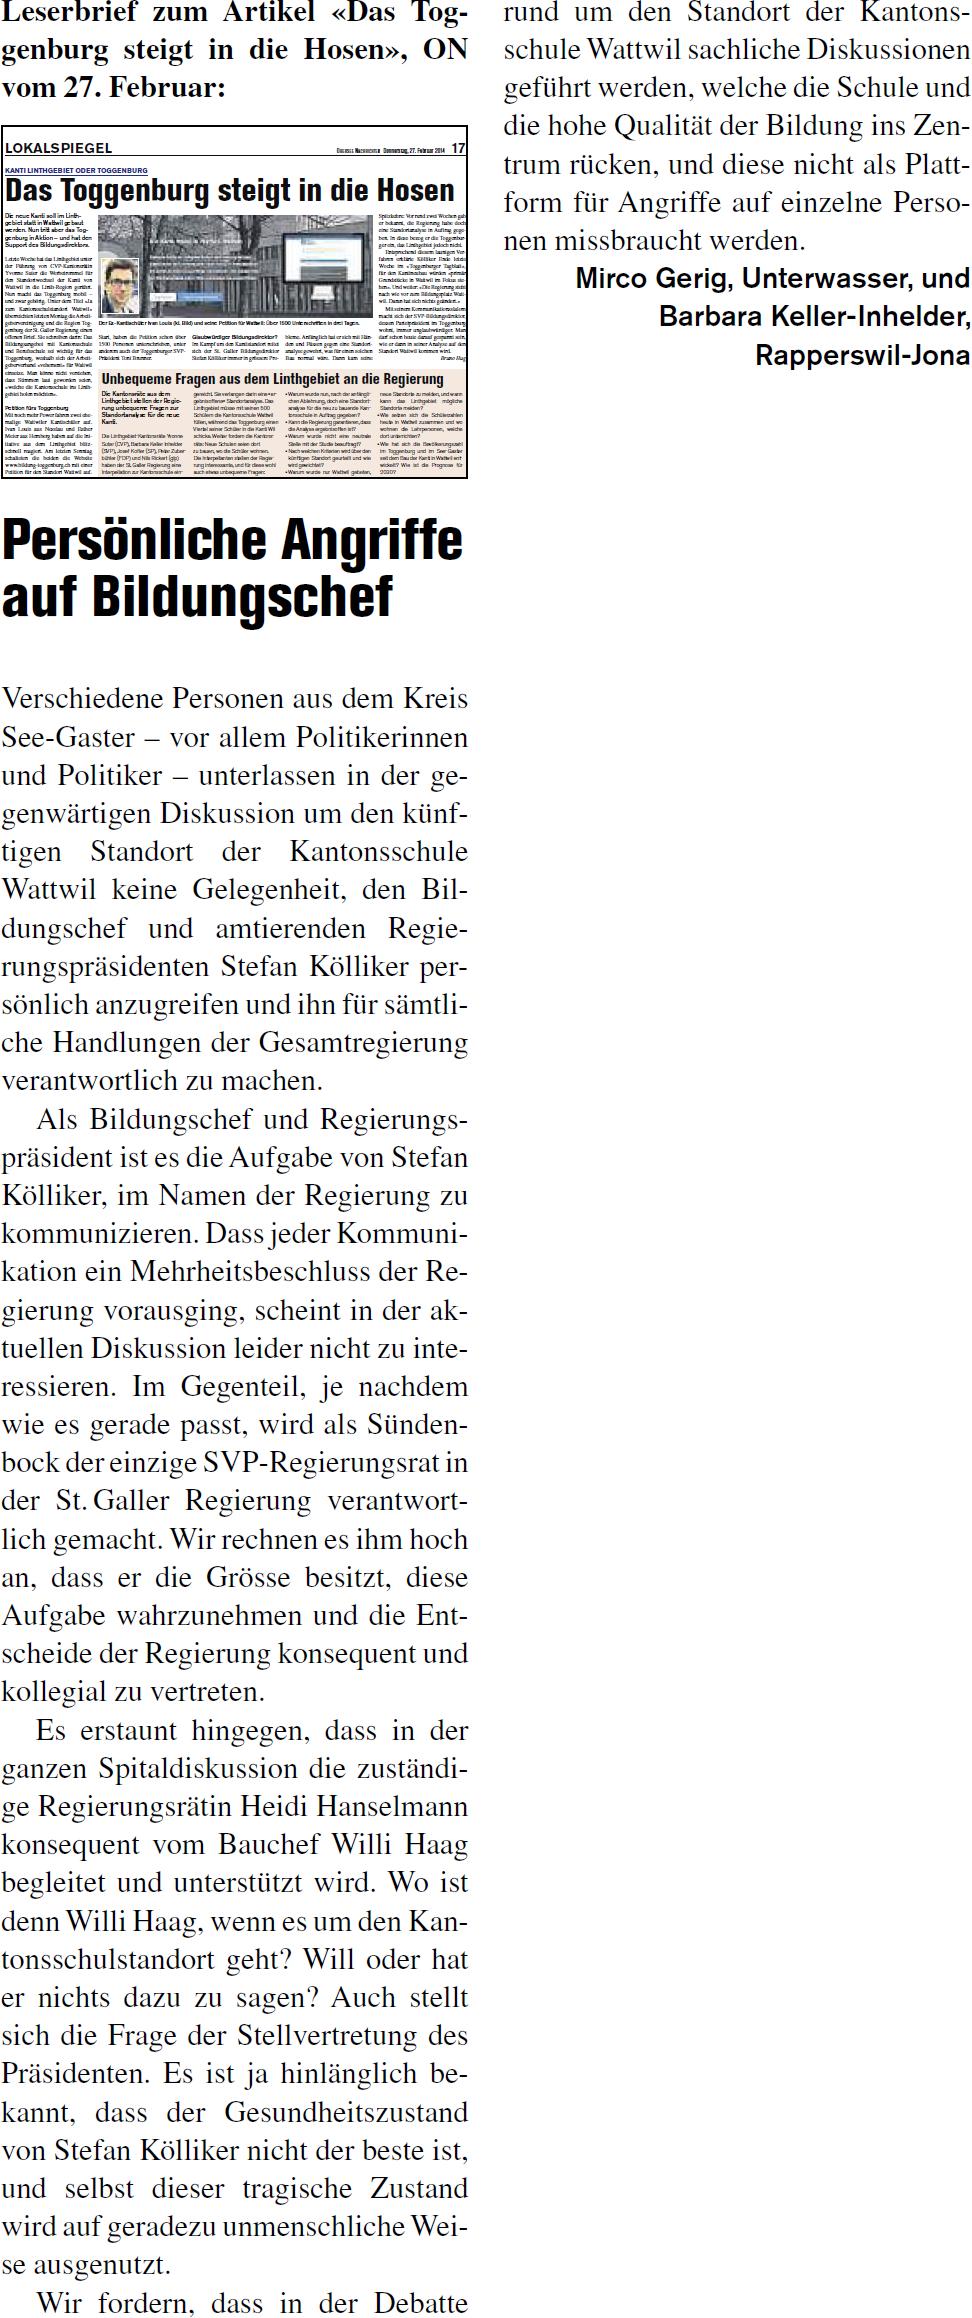 Persönliche Angriffe auf Bildungschef (Donnerstag, 13.03.2014)